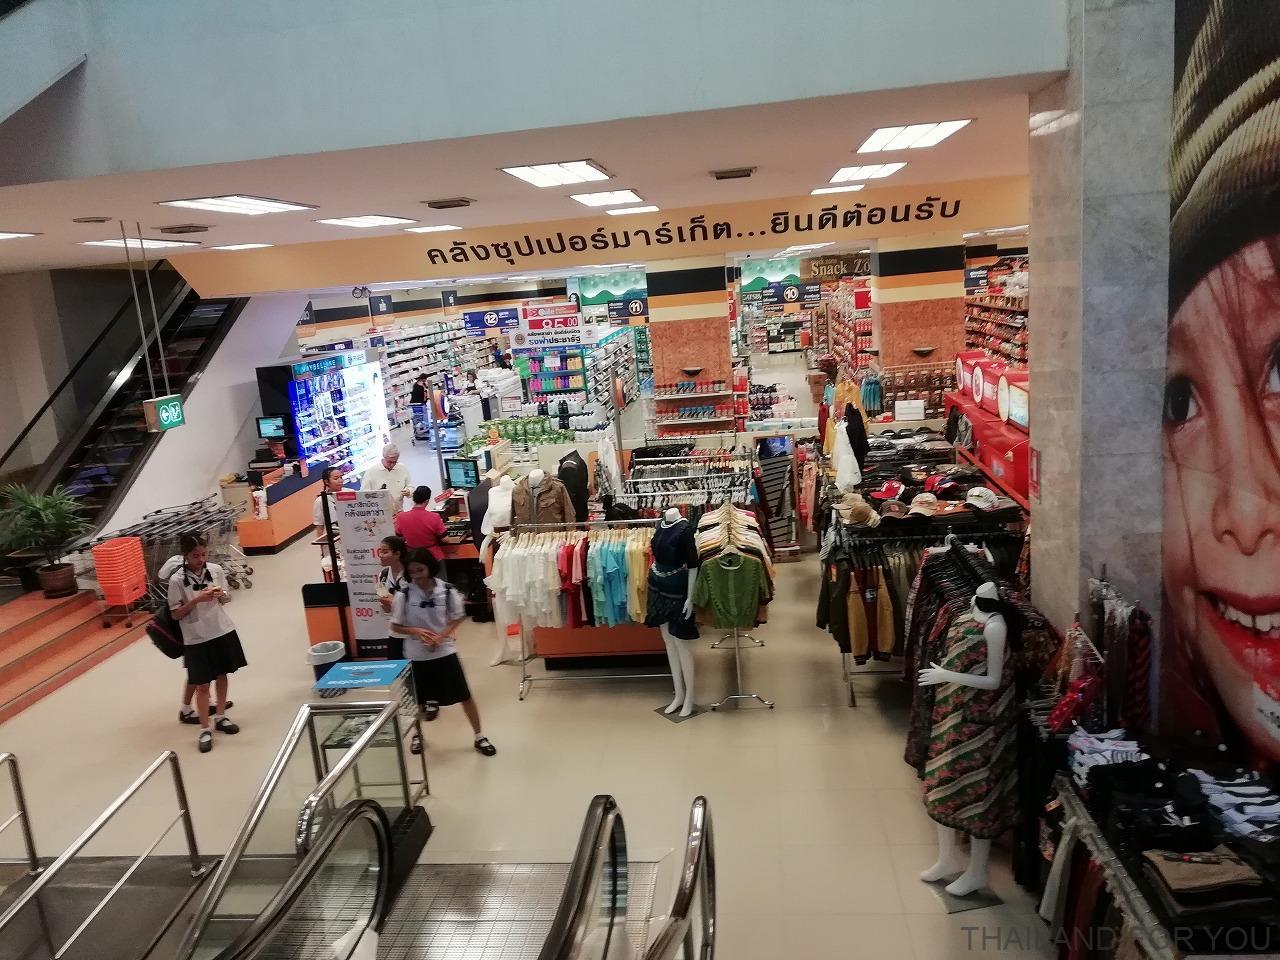 クランプラザ1(旧館) コラート ショッピングモール